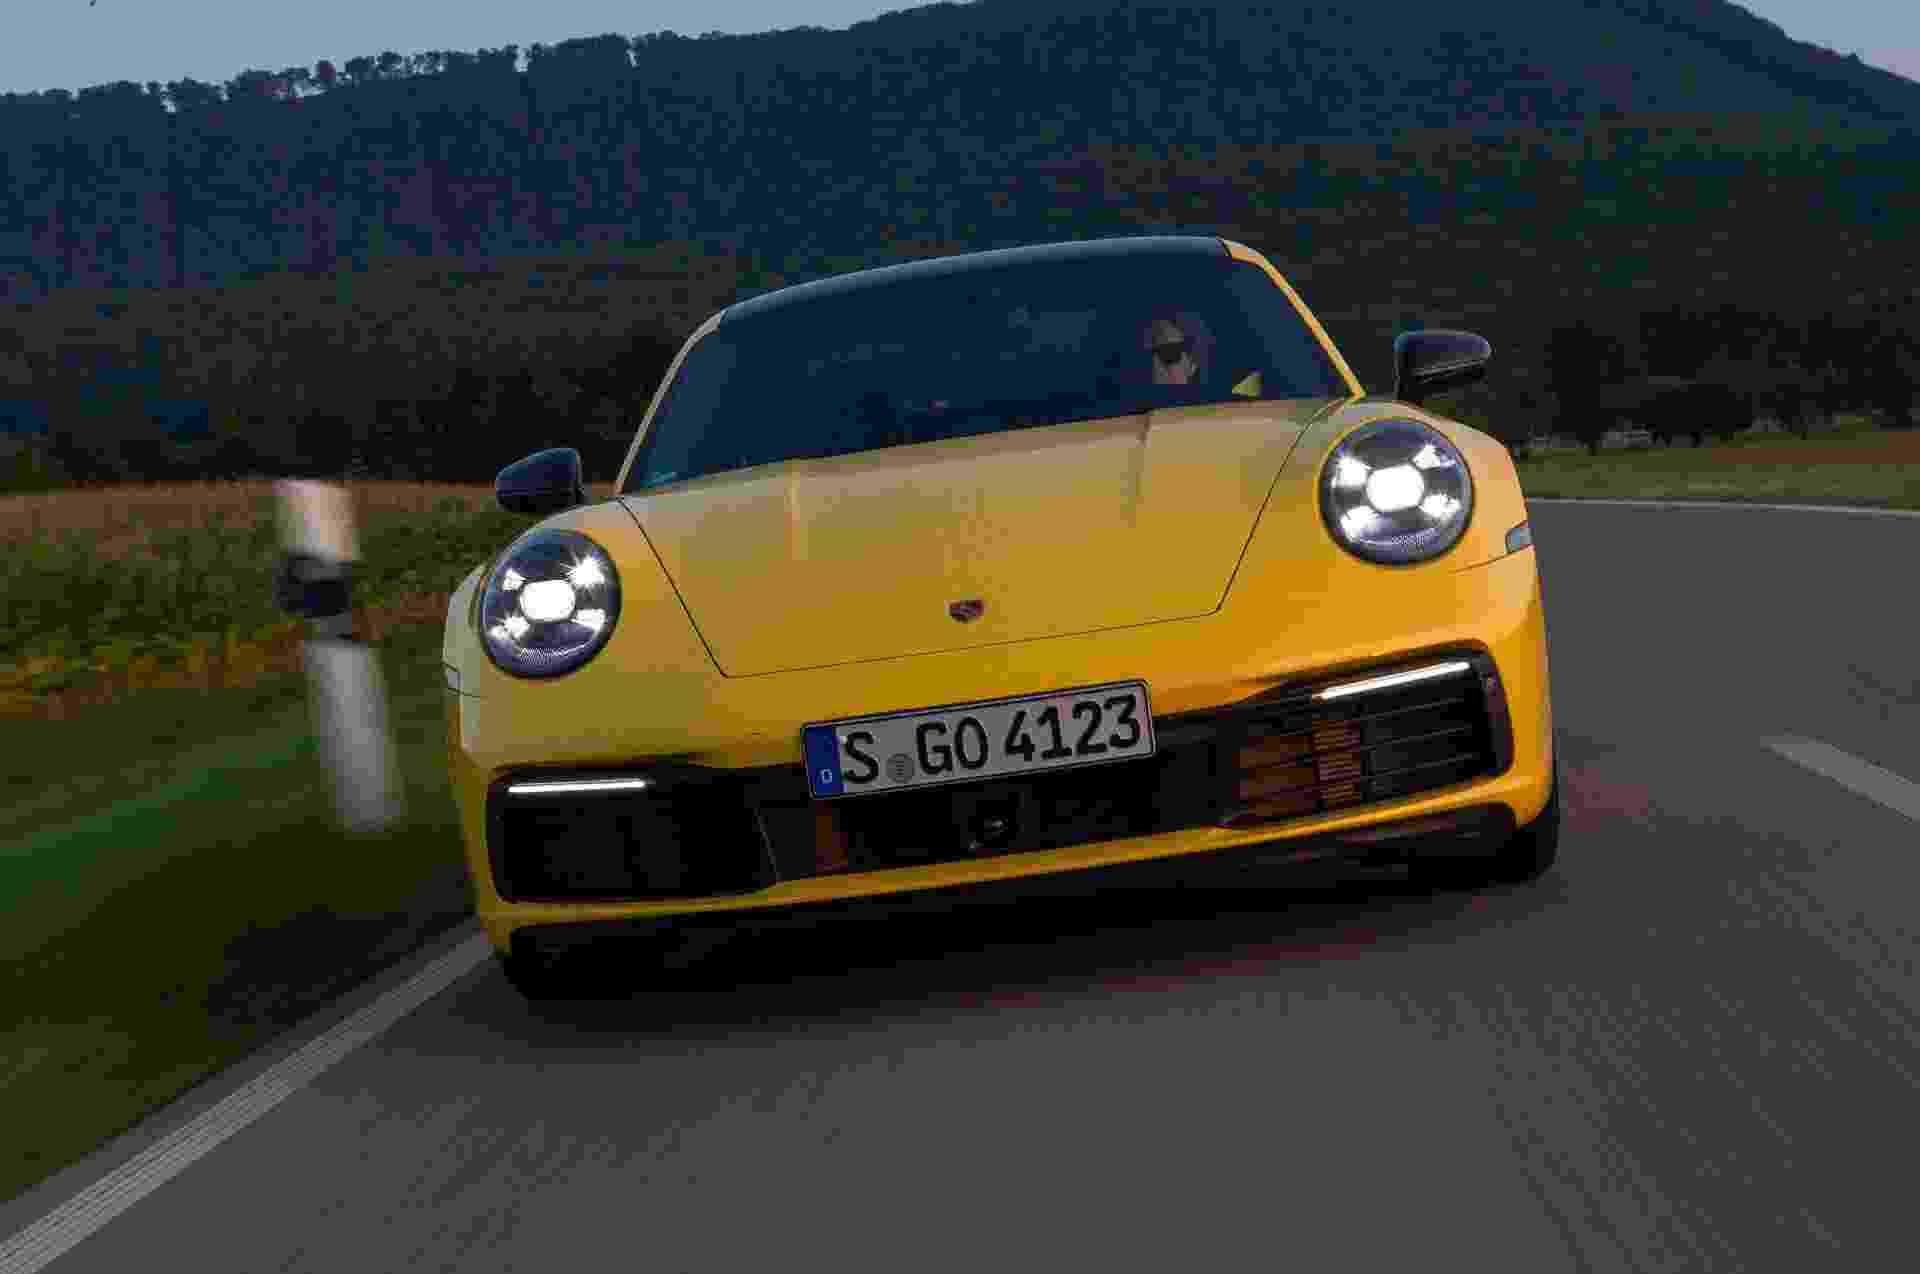 Porsche disponibiliza a versão de entrada da nova geração do esportivo 911 para o Brasil. O modelo pode ser encomendado nas concessionárias da marca por R$ 519 mil. - Divulgação/Porsche